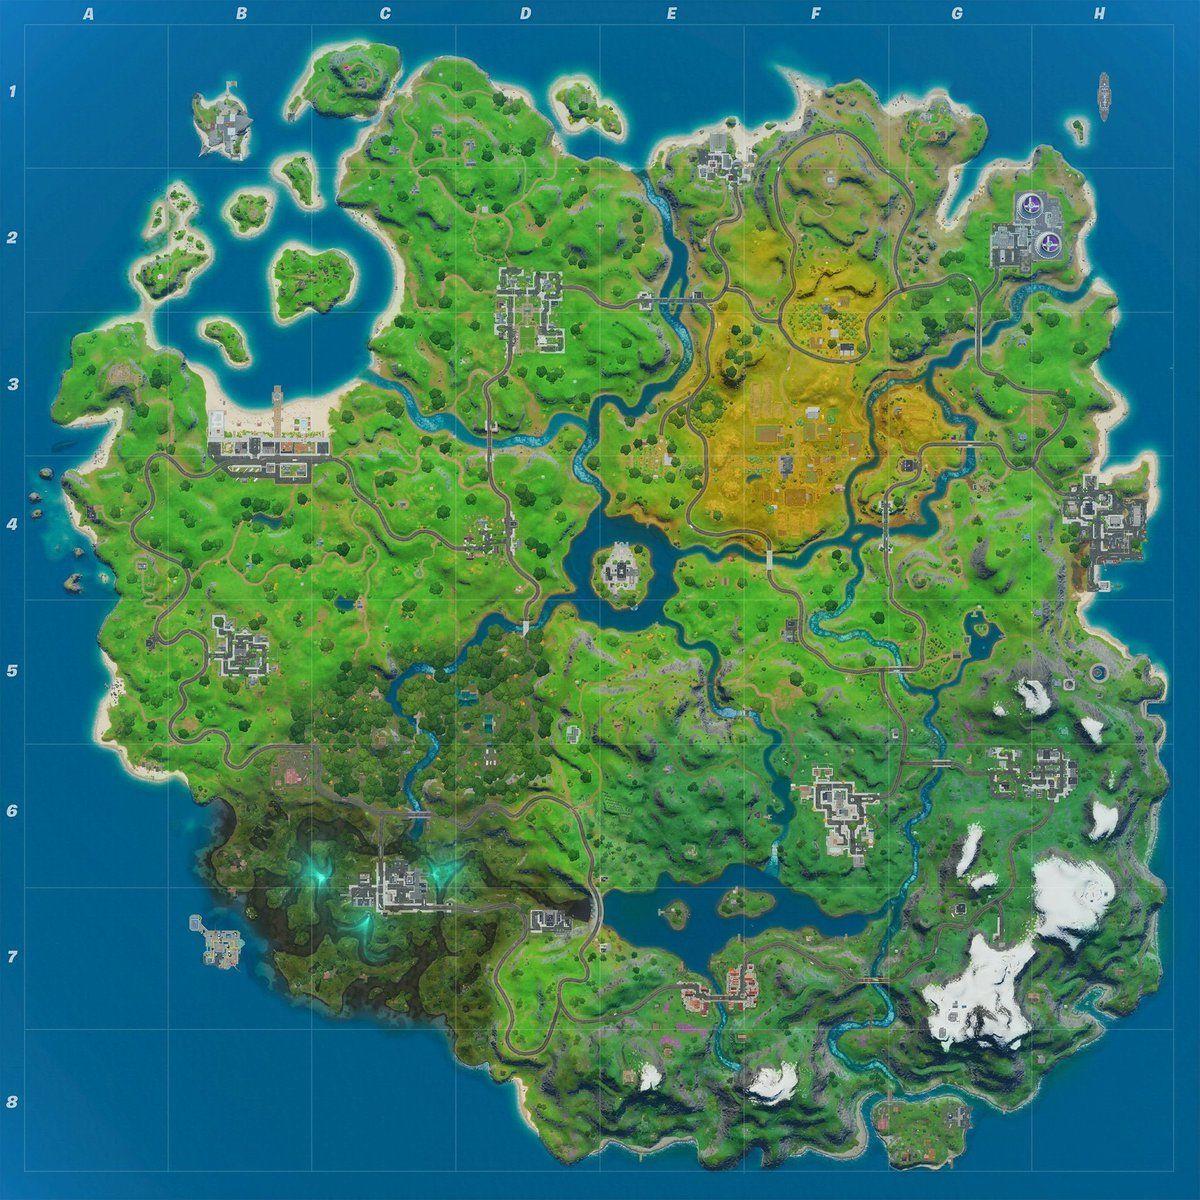 Mapa del Capítulo 2 de la Temporada 2